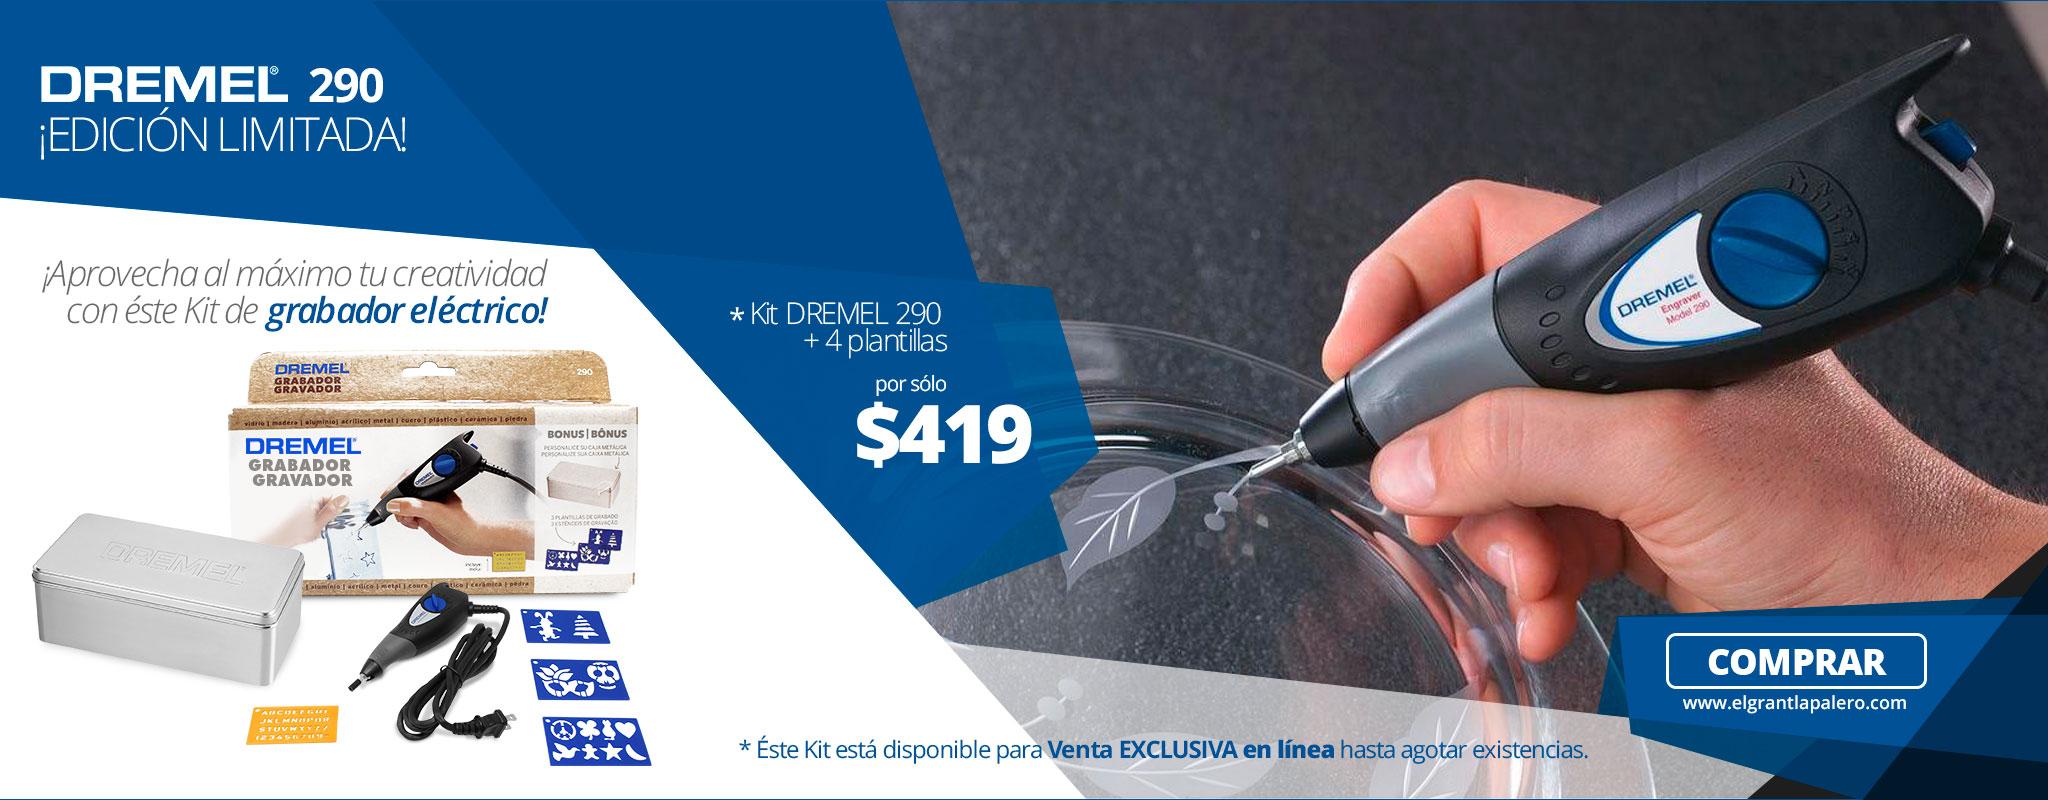 Grabador eléctrico DREMEL 290 edicion limitada!